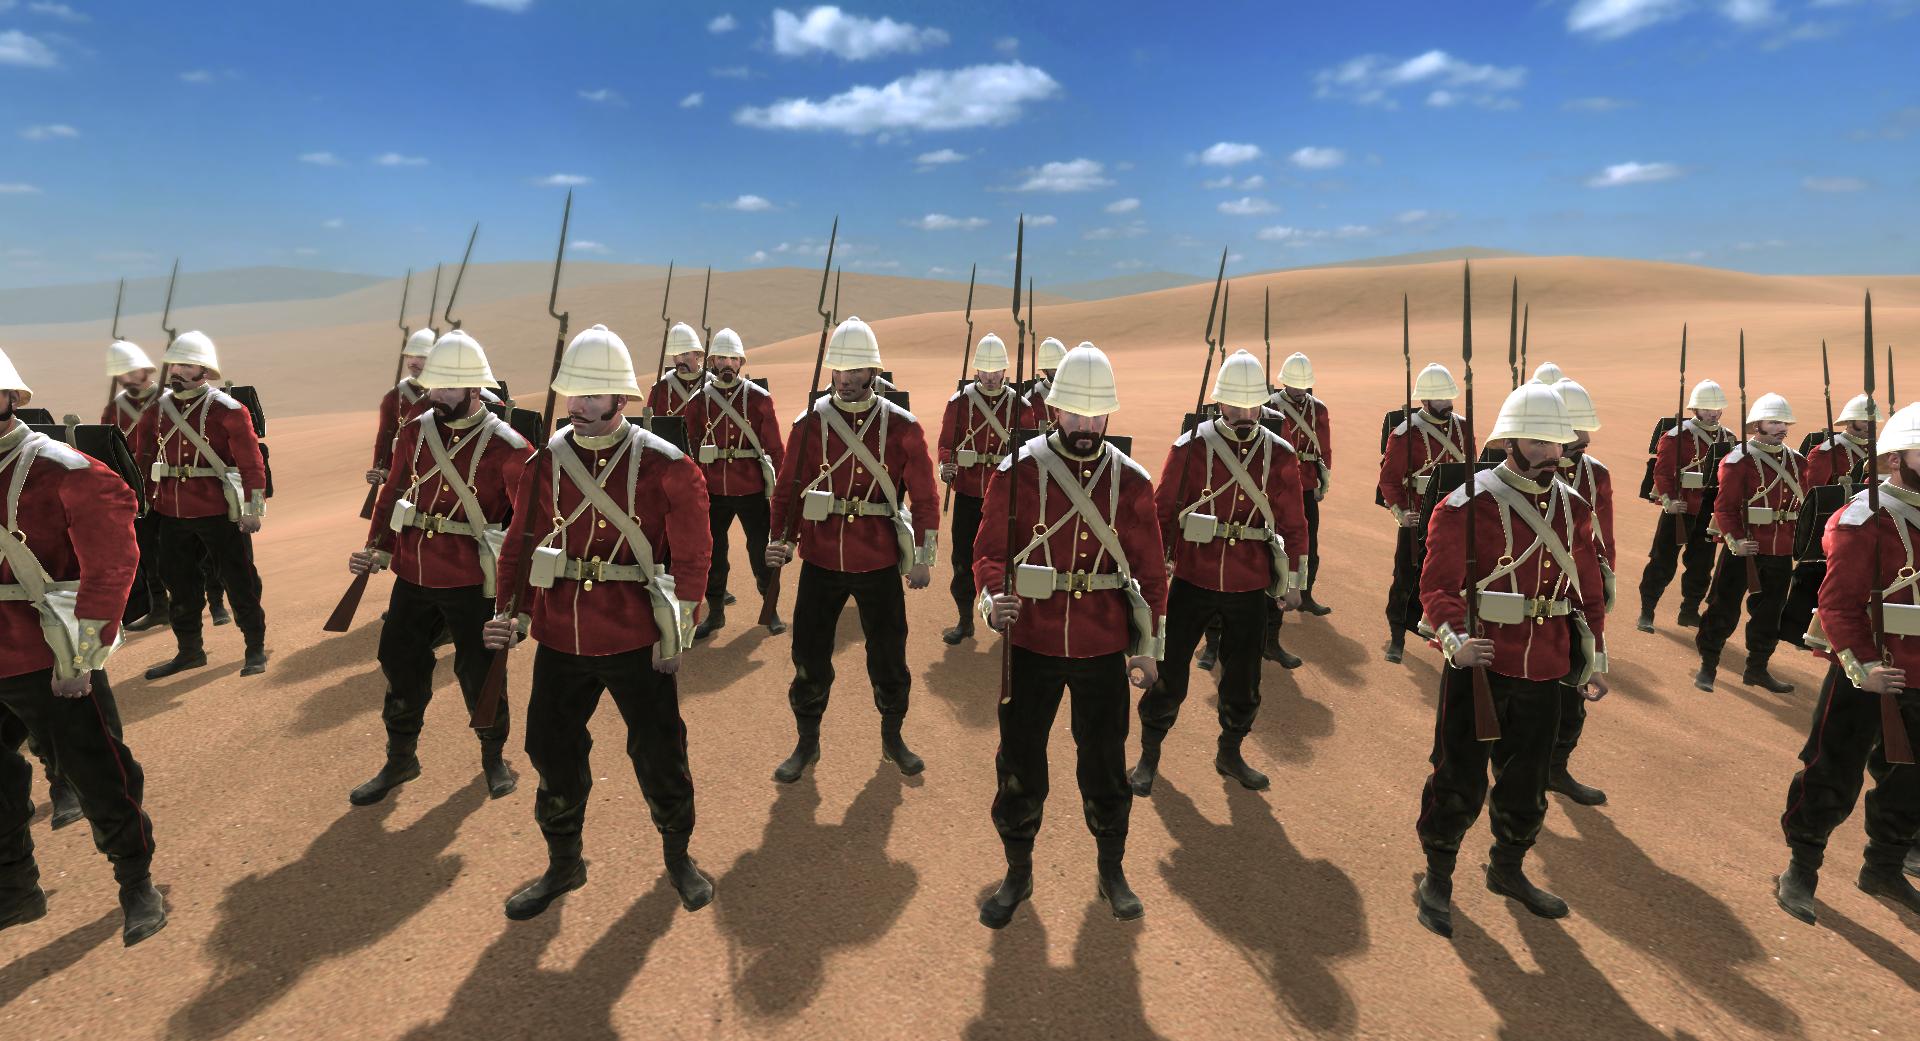 [SP][EN] Between Empires Mb_warband_2020-06-20_22-37-47